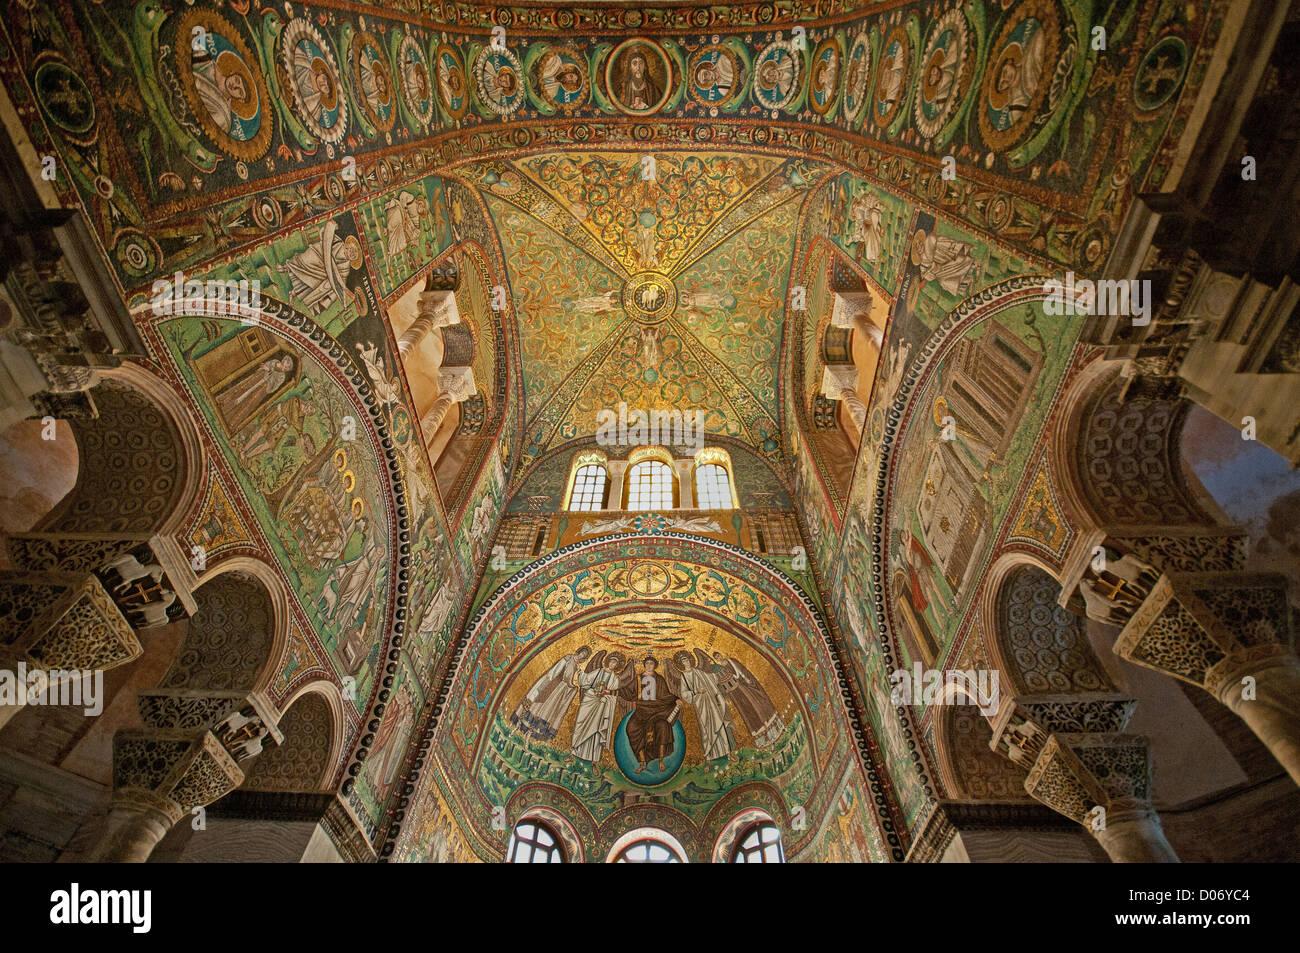 Mosaics inside the Church of San Vitale Ravenna Italy